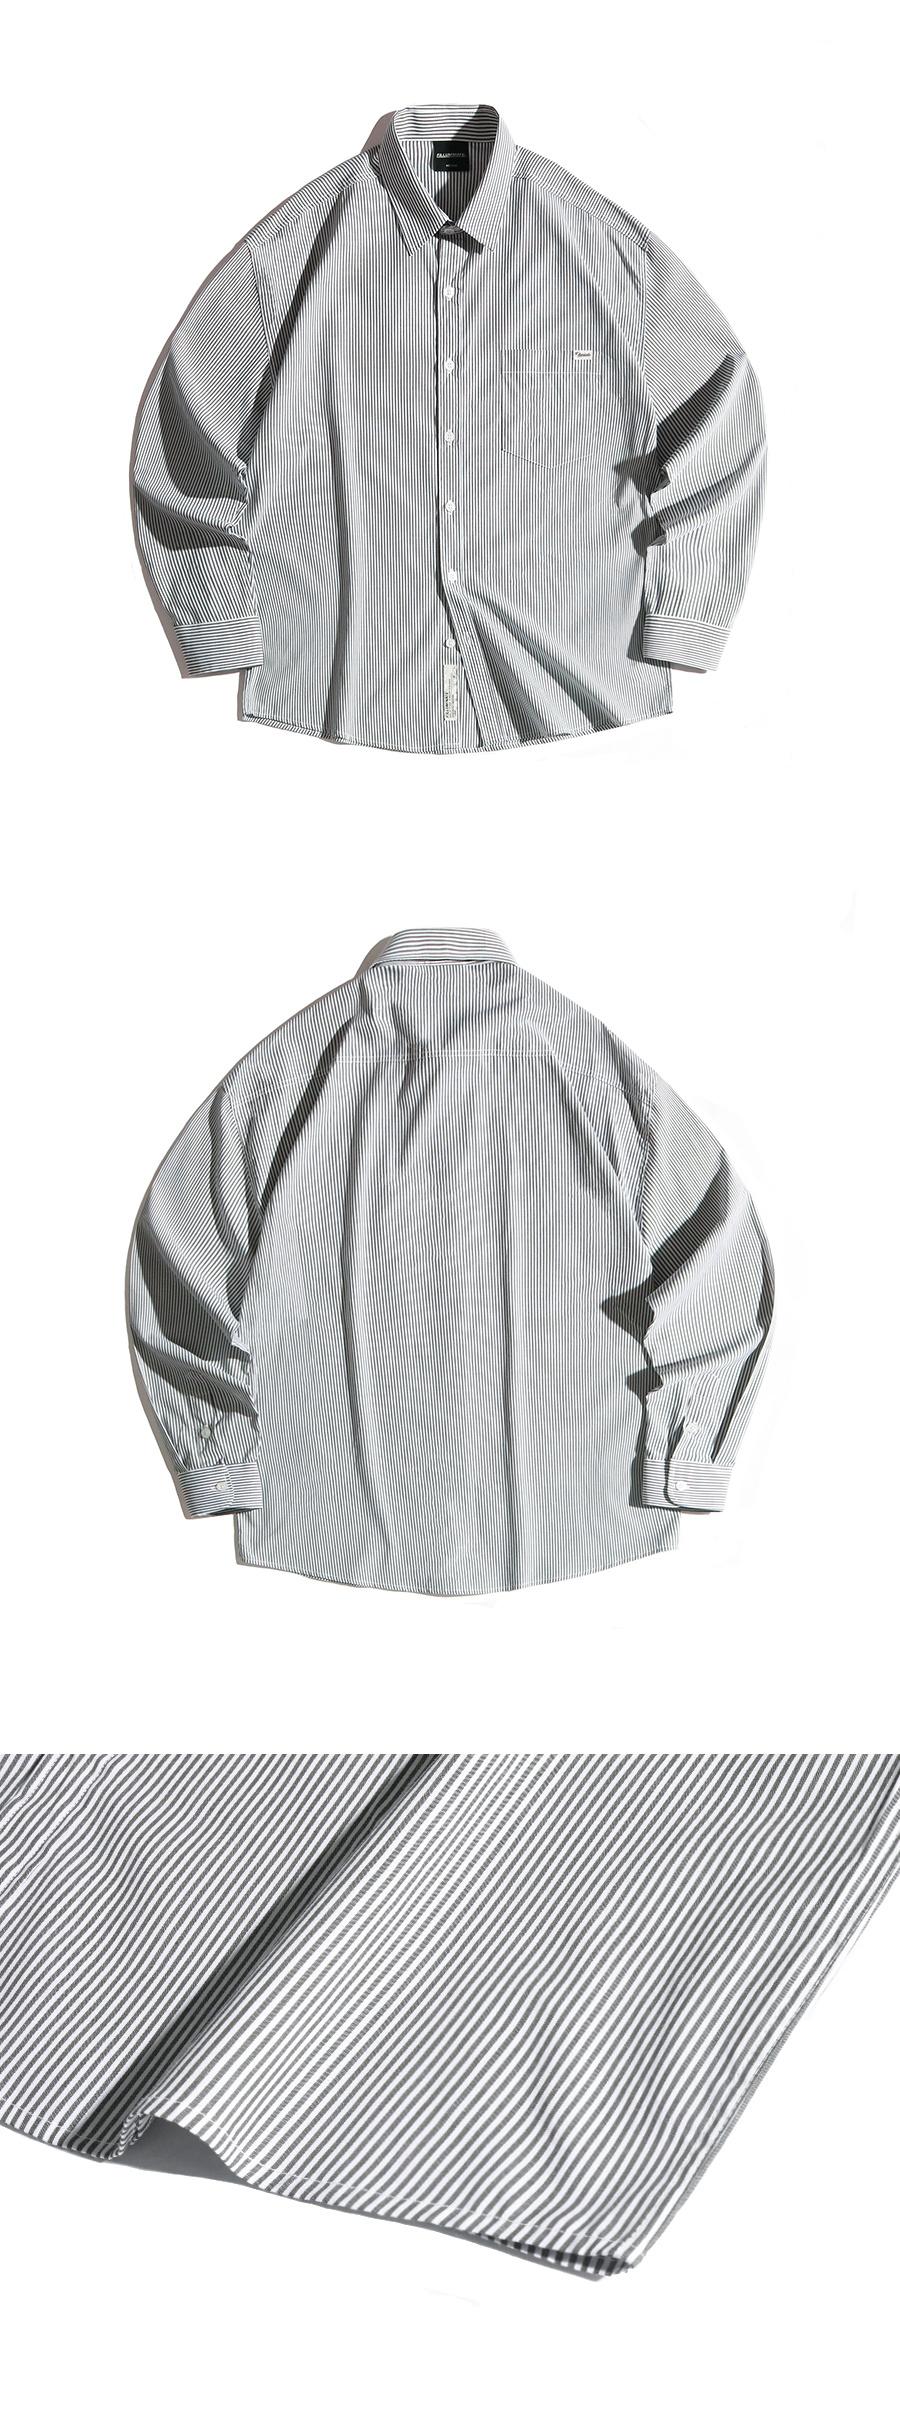 필루미네이트(FILLUMINATE) 유니섹스 오버핏 글림 스트라이프 셔츠-블랙